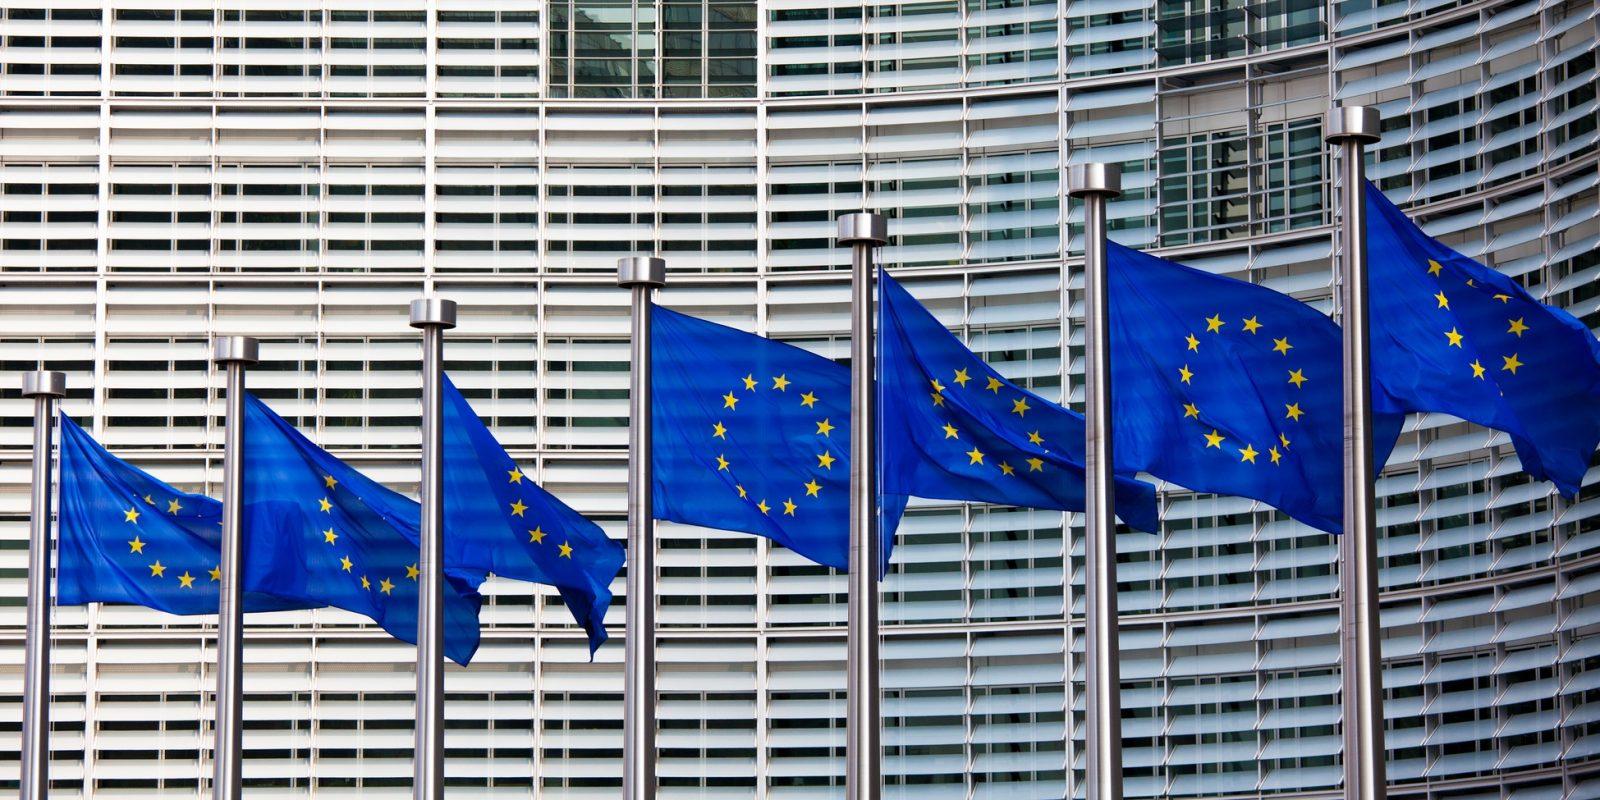 Nessun accordo globale UE sulle criptovalute avanti in ordine sparso - Nessun accordo globale UE sulle criptovalute: avanti in ordine sparso